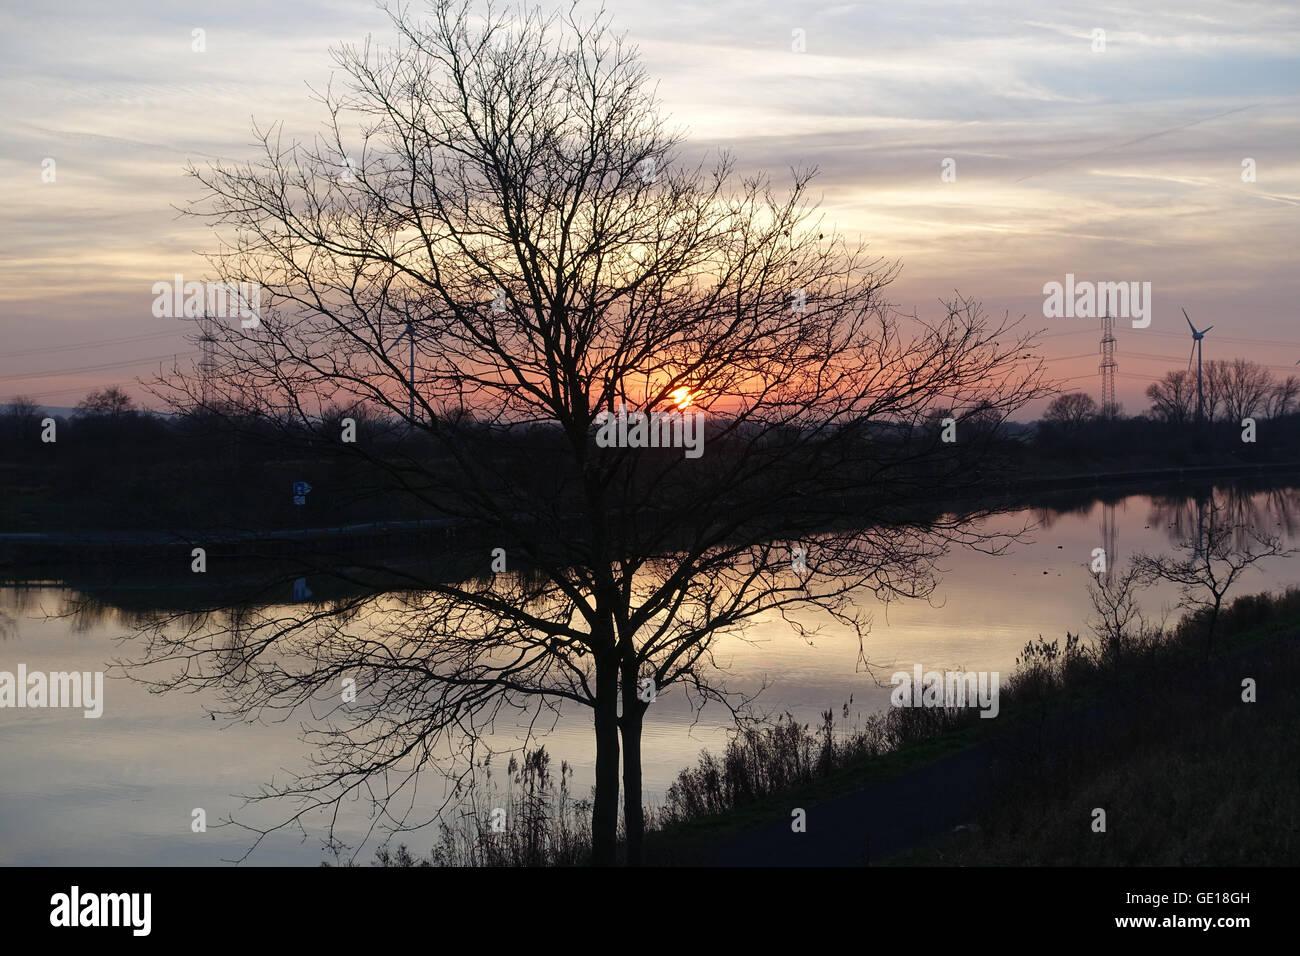 Der Mittellandkanal in der Nähe vom Steinhuder Meer am Abend - Stock Image